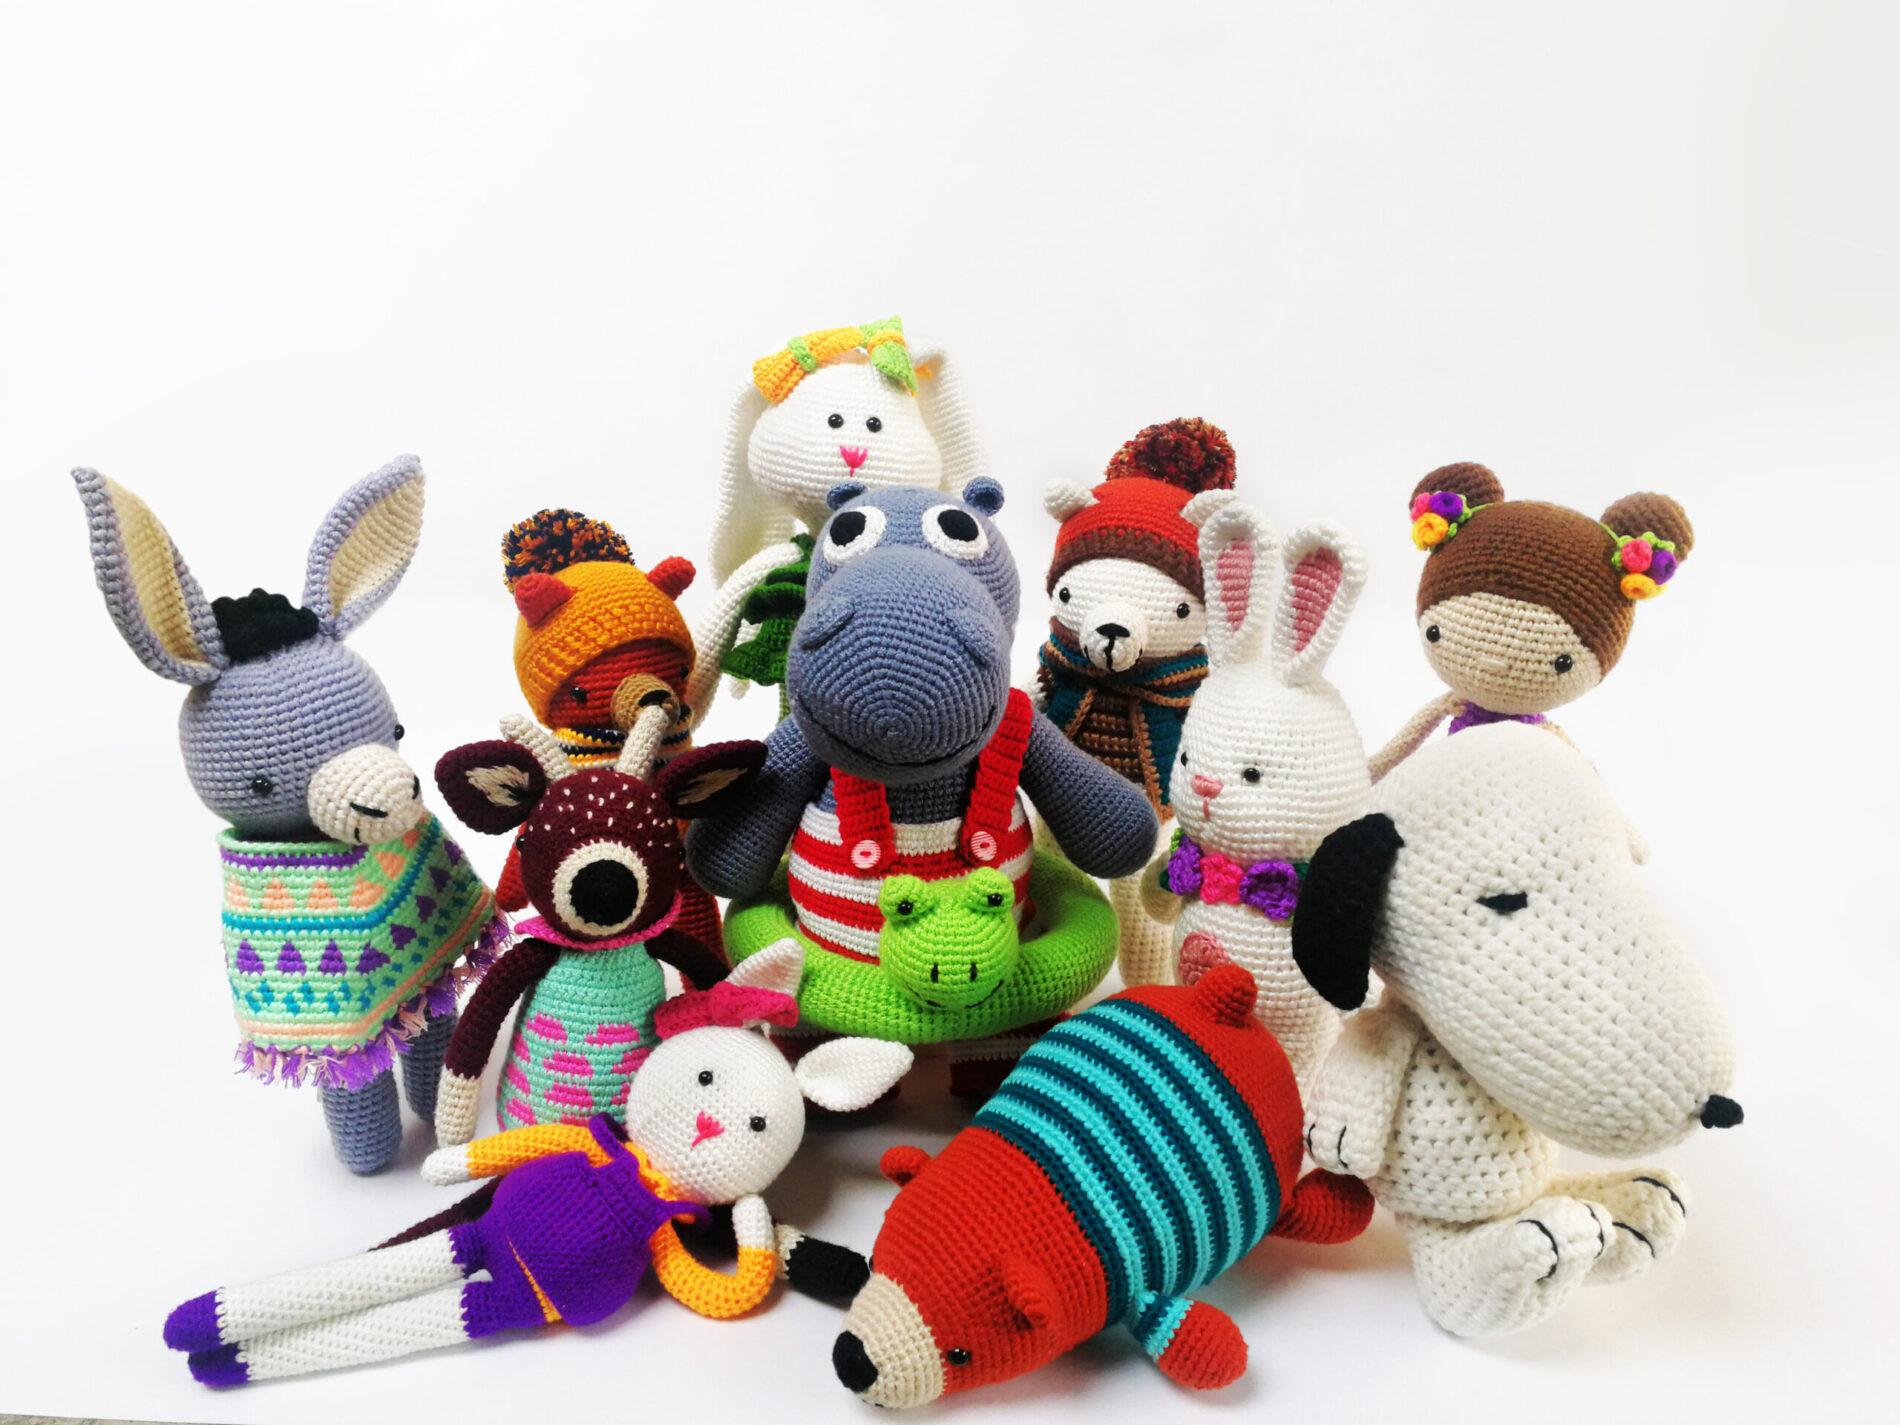 'Guagua', los novedosos muñecos tejidos que marcan tendencia esta temporada